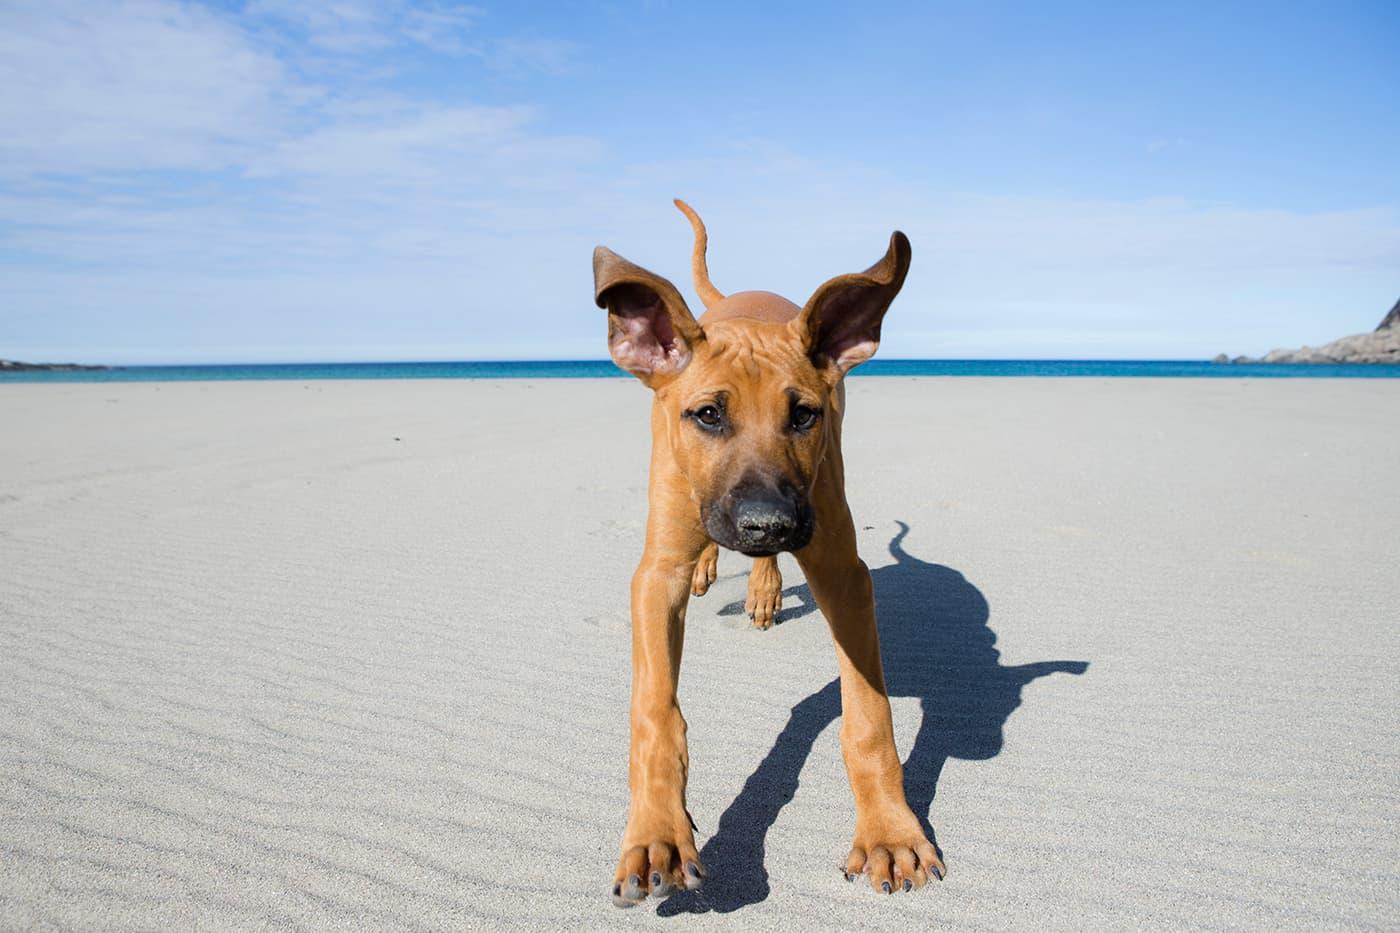 Bunesstranda har flere ganger blitt kåret til Norges fineste strand i ulike kåringer. Henry er enig at dette er en fet strand!